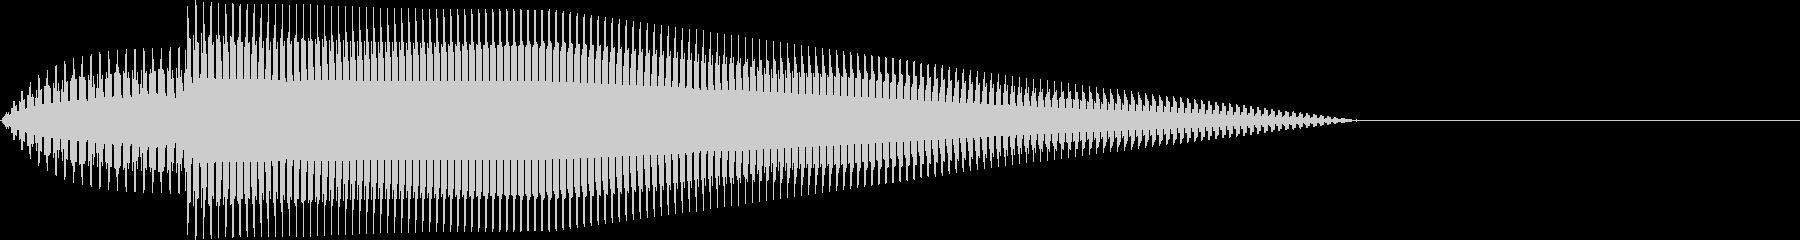 ピロン・かわいい・決定音・選択音の未再生の波形